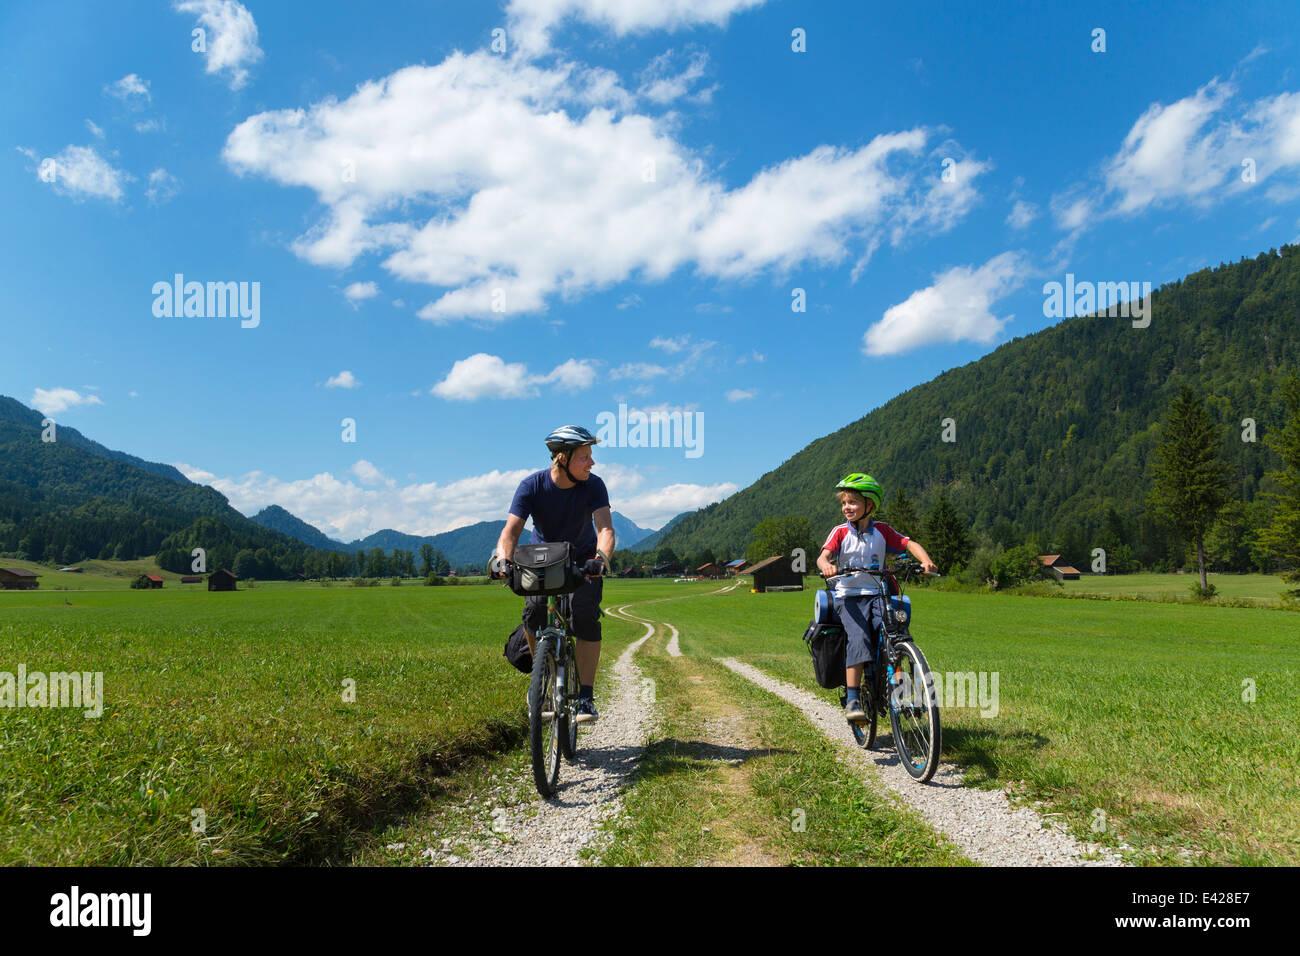 Padre e figlio in bicicletta attraverso Jachenau, Baviera, Germania Immagini Stock